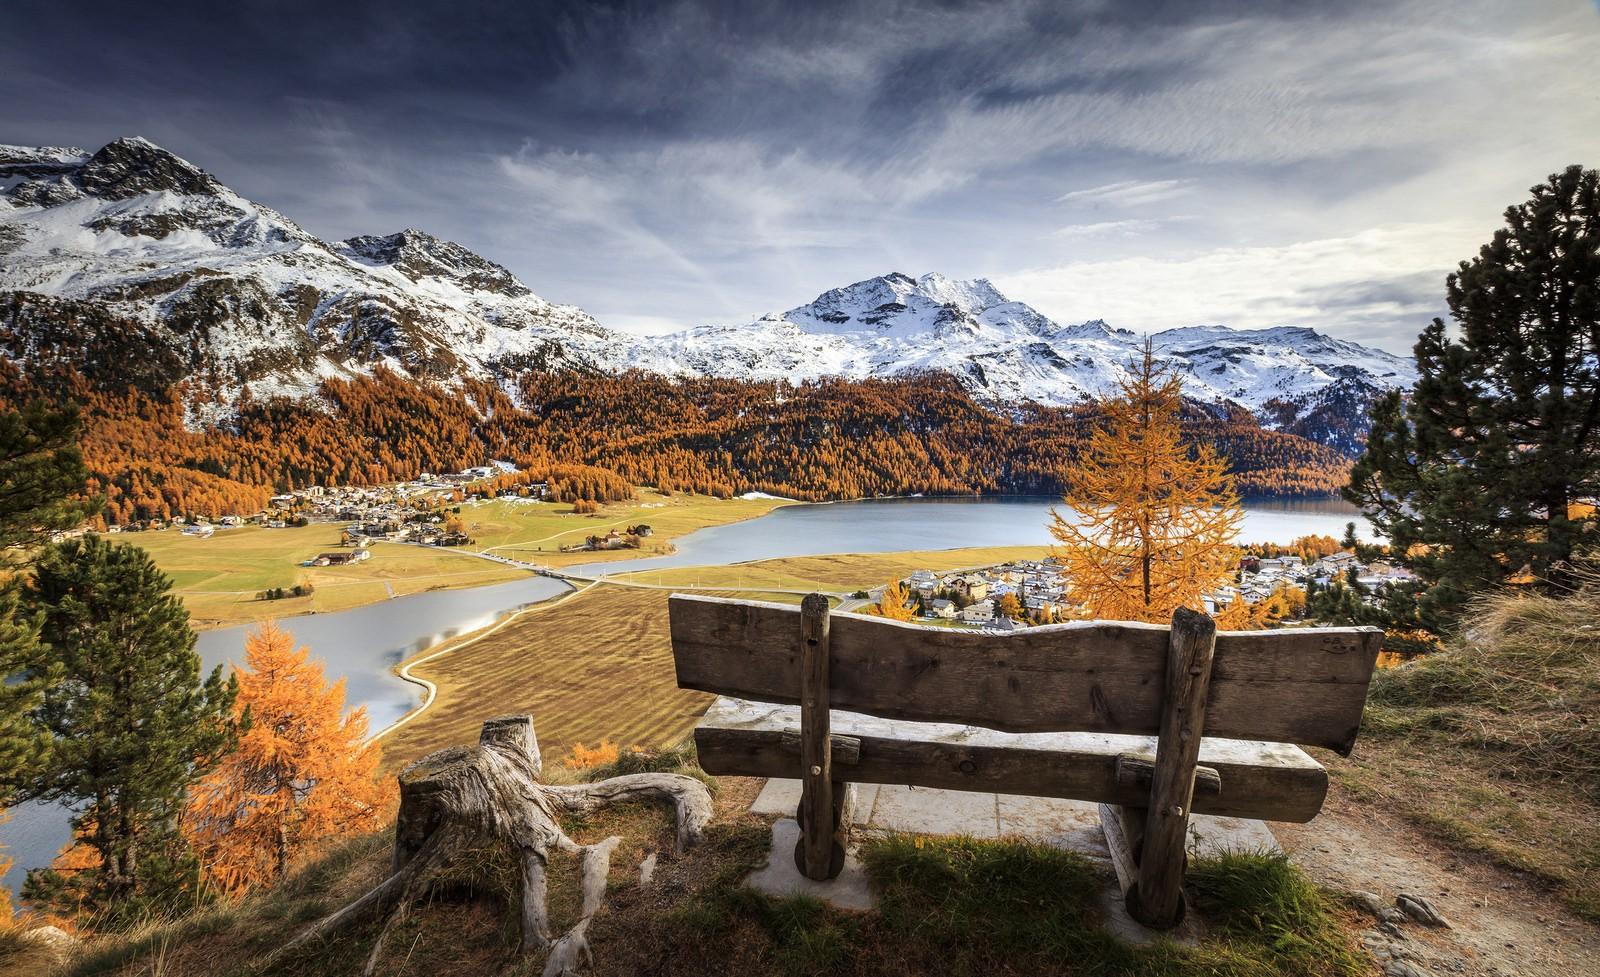 Free Fall Wallpaper And Screensavers Hintergrundbilder Landschaft Berge See Natur Schnee